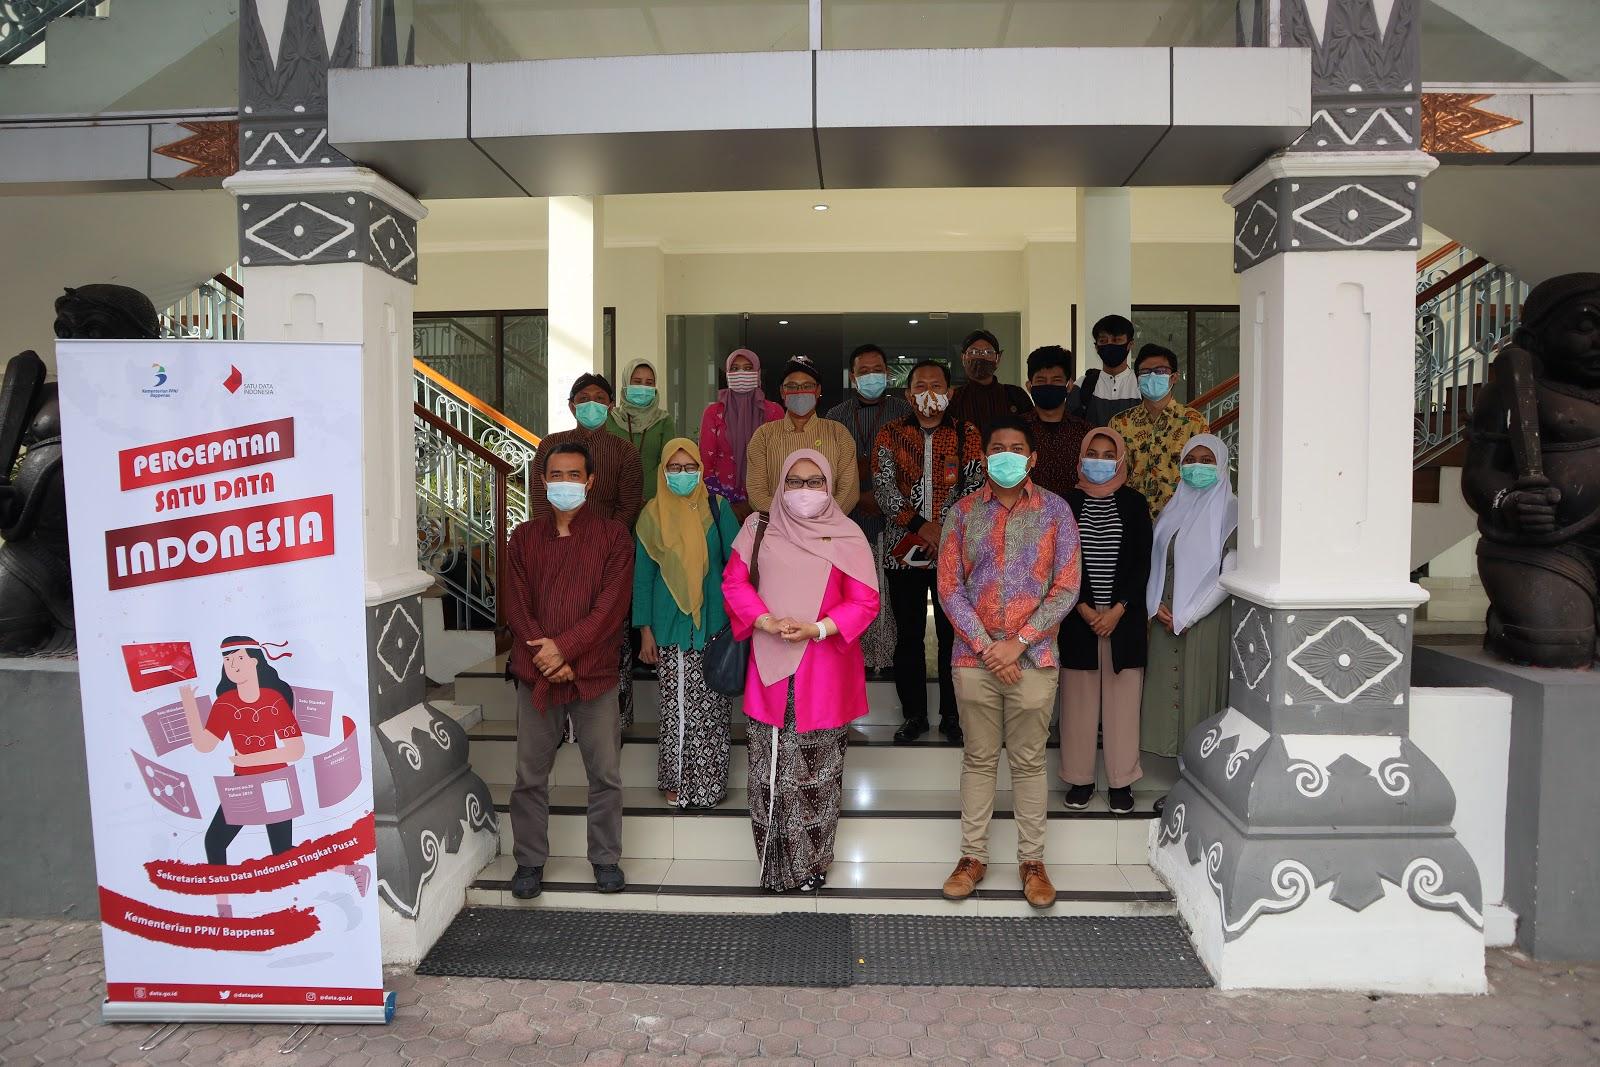 Implementasi Satu Data Indonesia Dorong Efisiensi Bantuan Sosial di Provinsi DIY